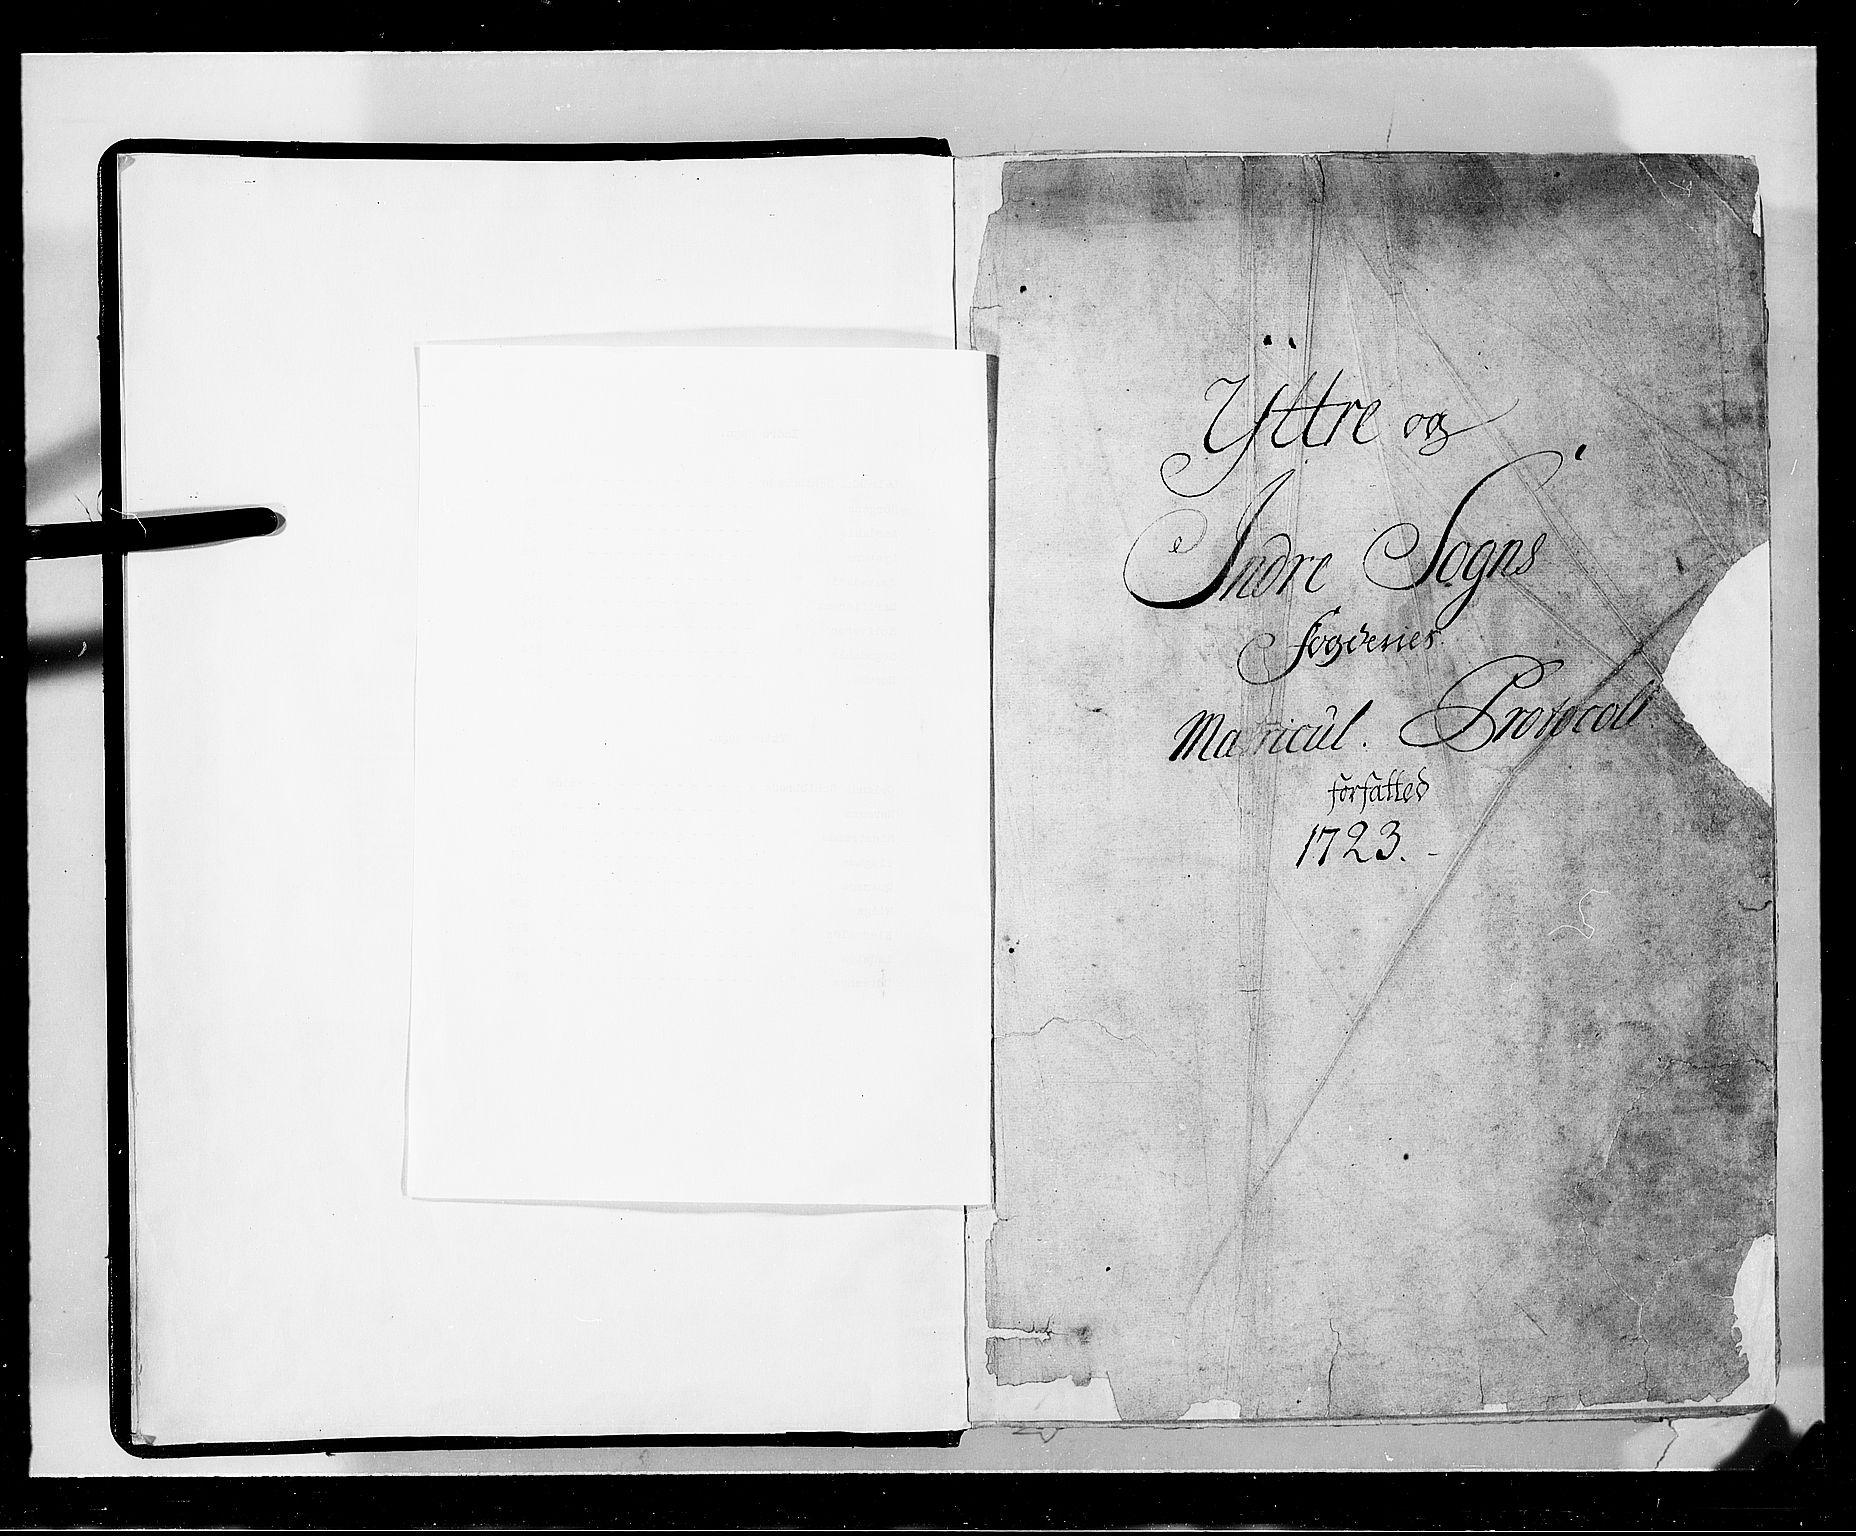 RA, Rentekammeret inntil 1814, Realistisk ordnet avdeling, N/Nb/Nbf/L0143: Ytre og Indre Sogn eksaminasjonsprotokoll, 1723, s. upaginert